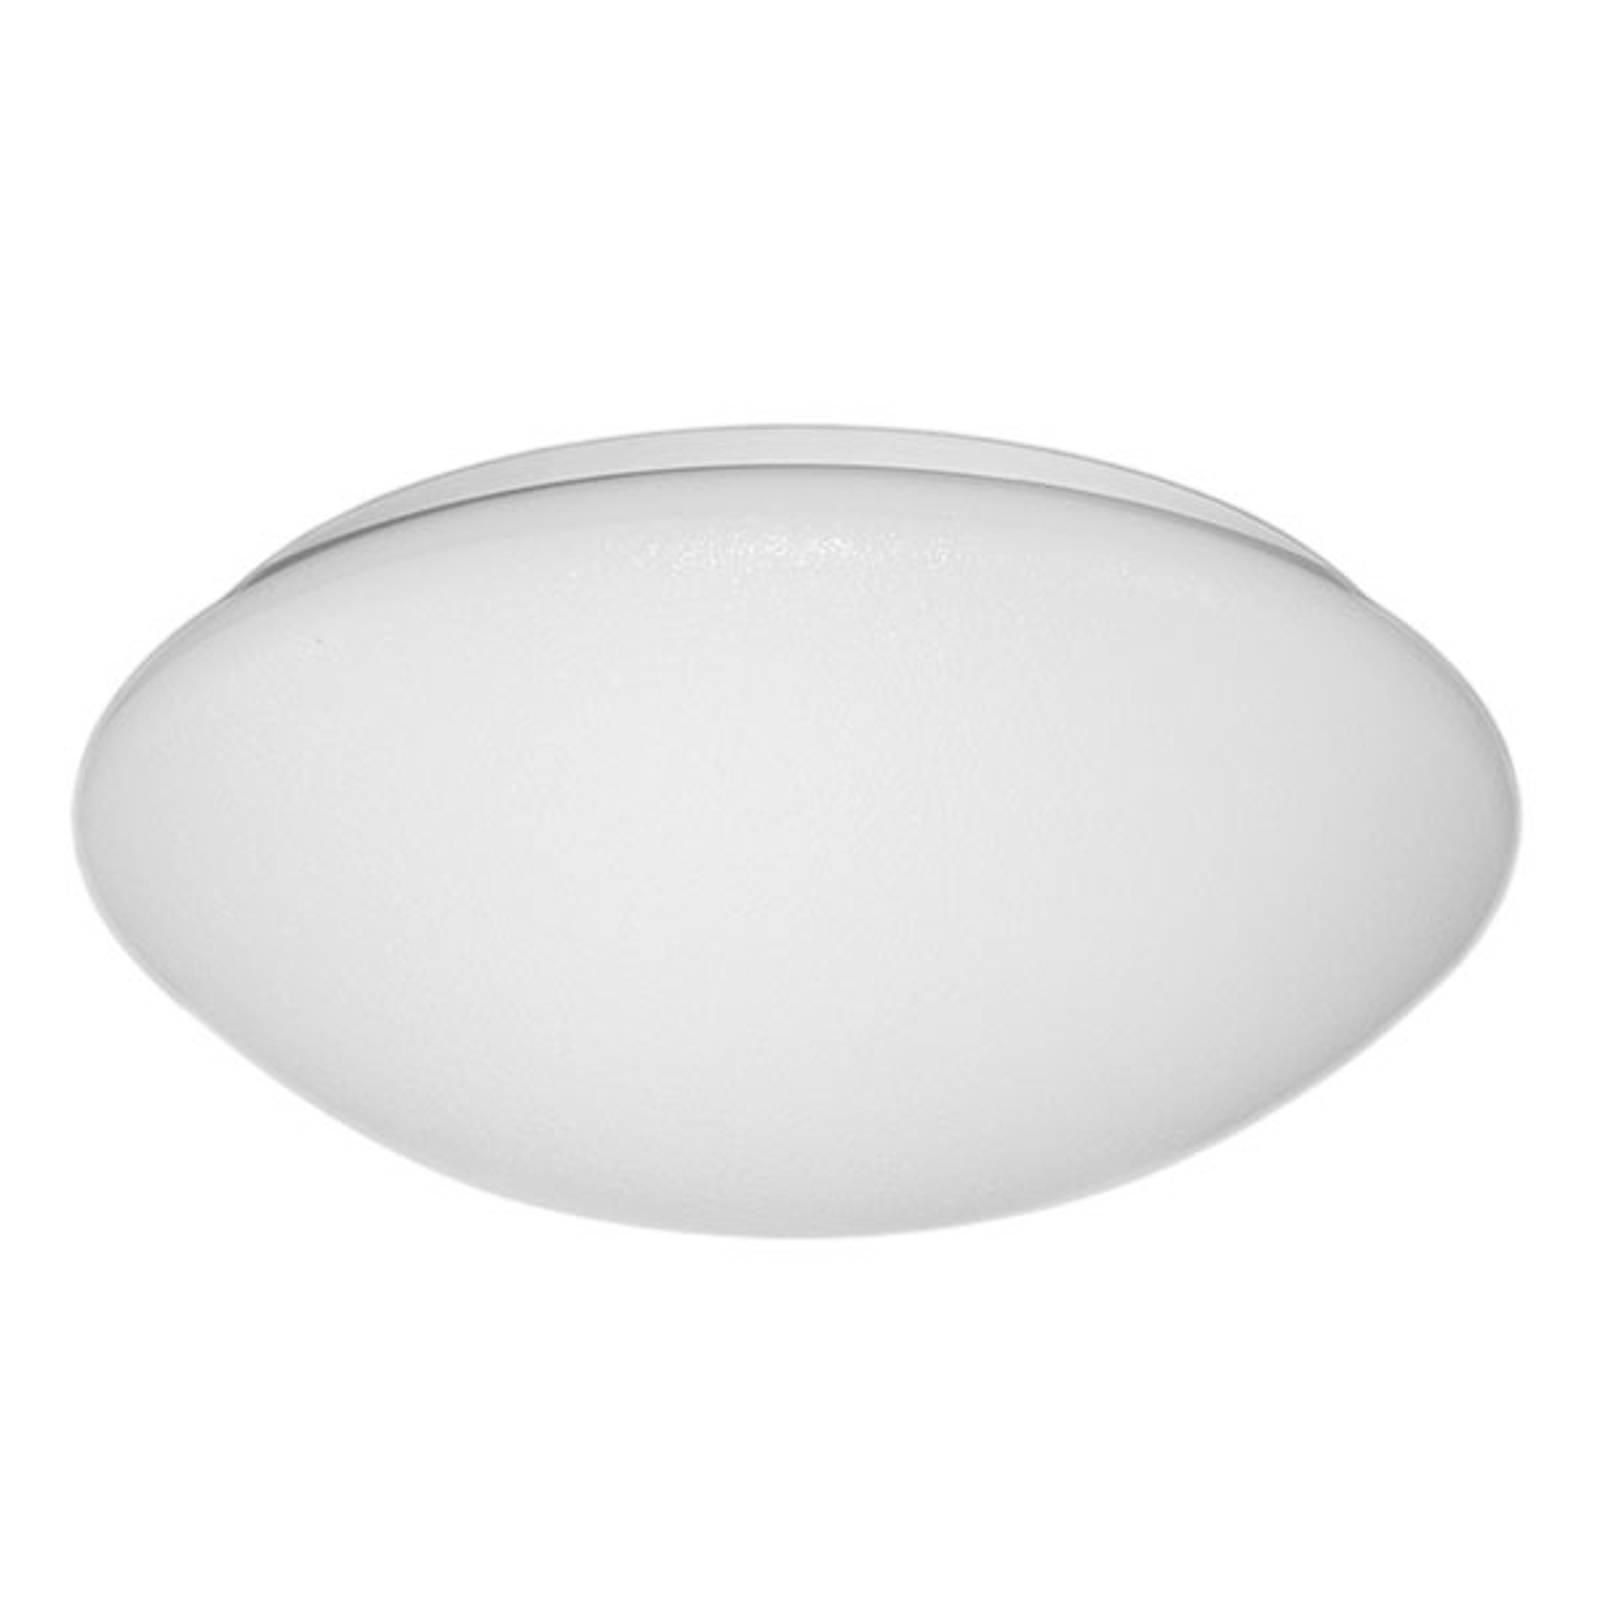 Suuri LED-kattolamppu, iskunkestävä, 35 W, 3 000 K